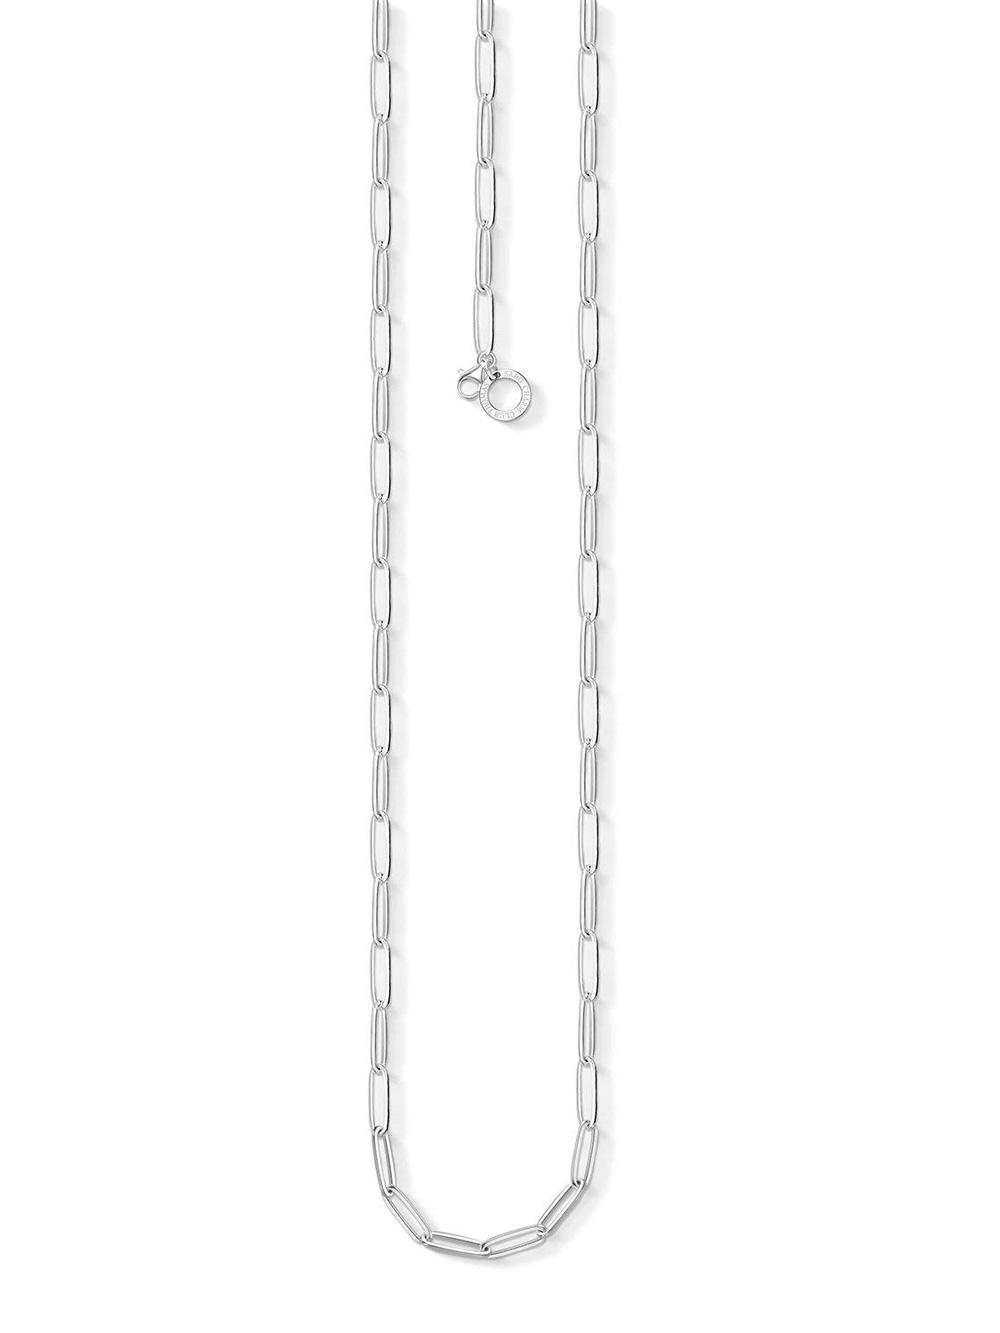 Thomas Sabo Halskette für Charms X0268-001-21-L45 45cm